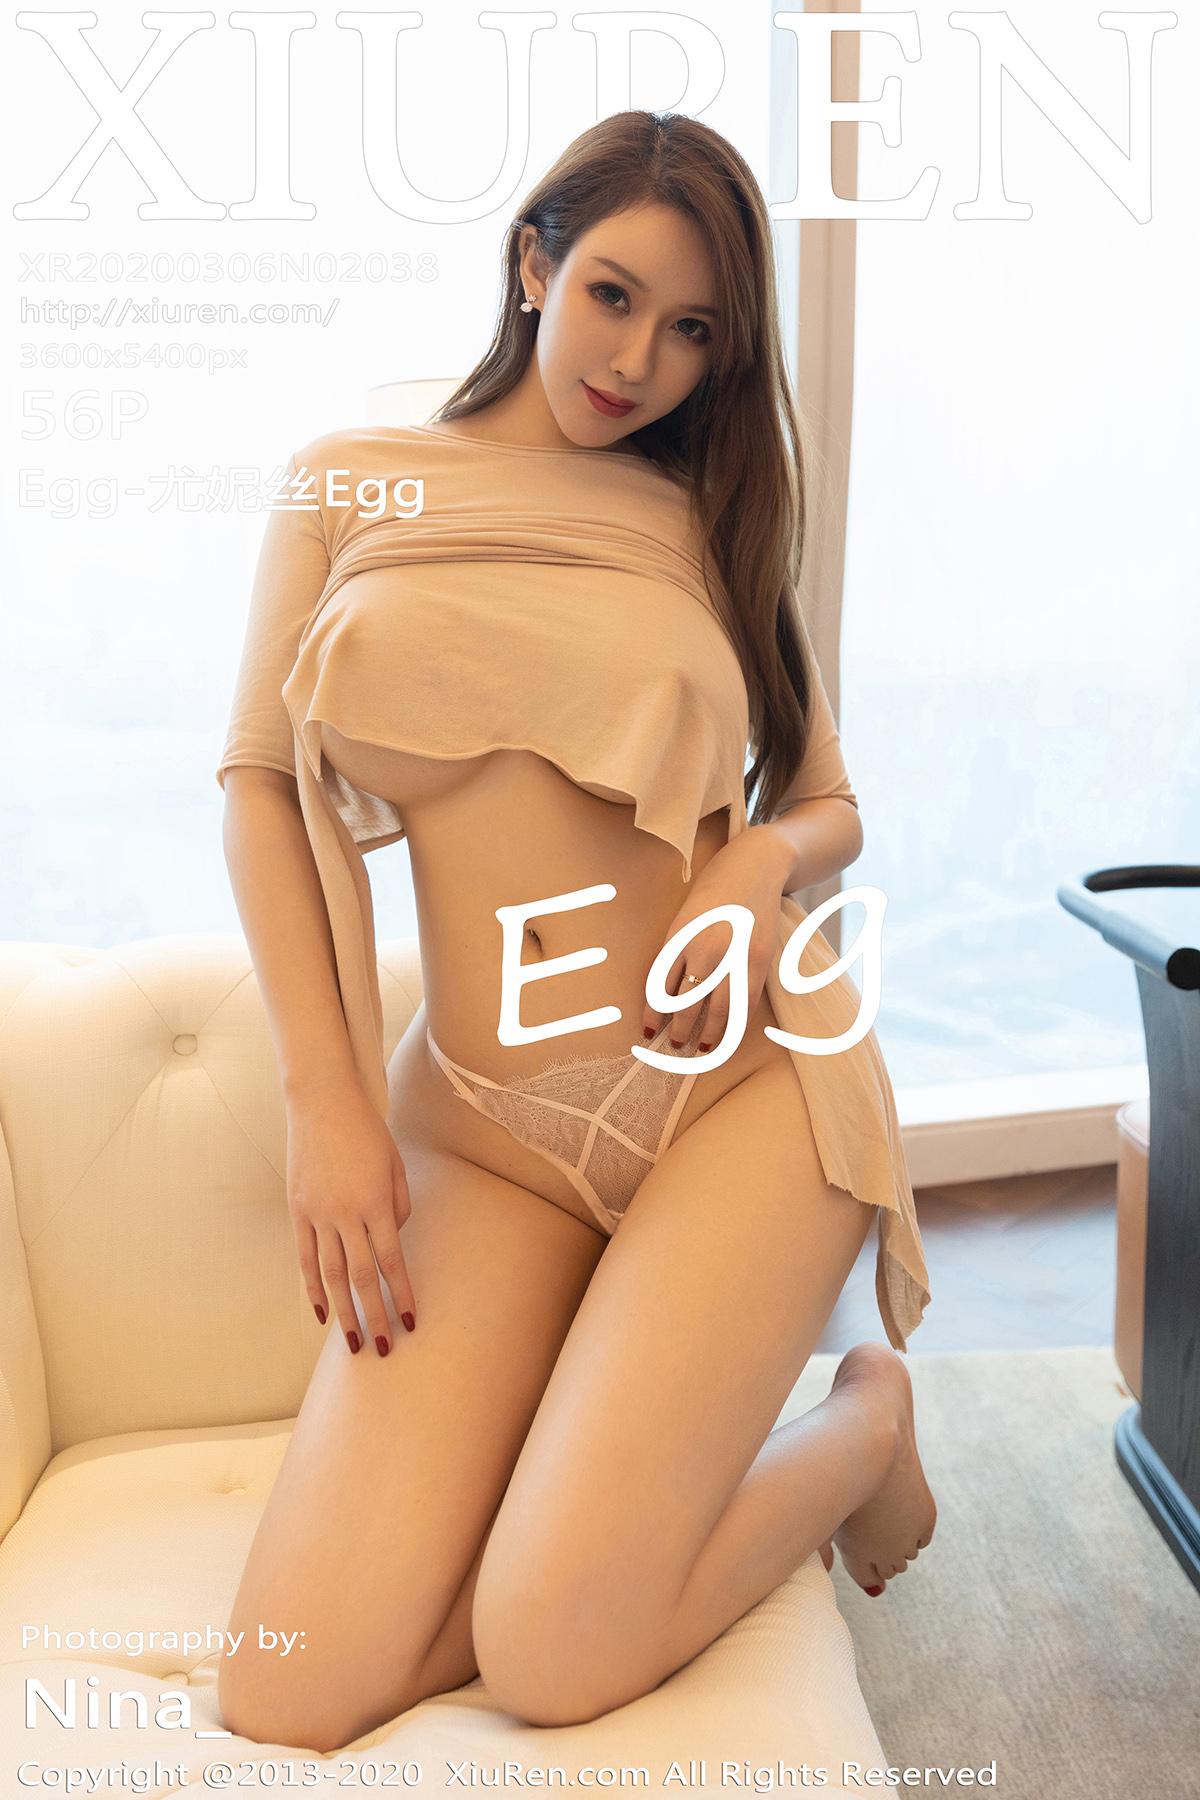 [XiuRen秀人网]2020.03.06 No.2038 Egg_尤妮丝 巨乳肥臀[/143MB]